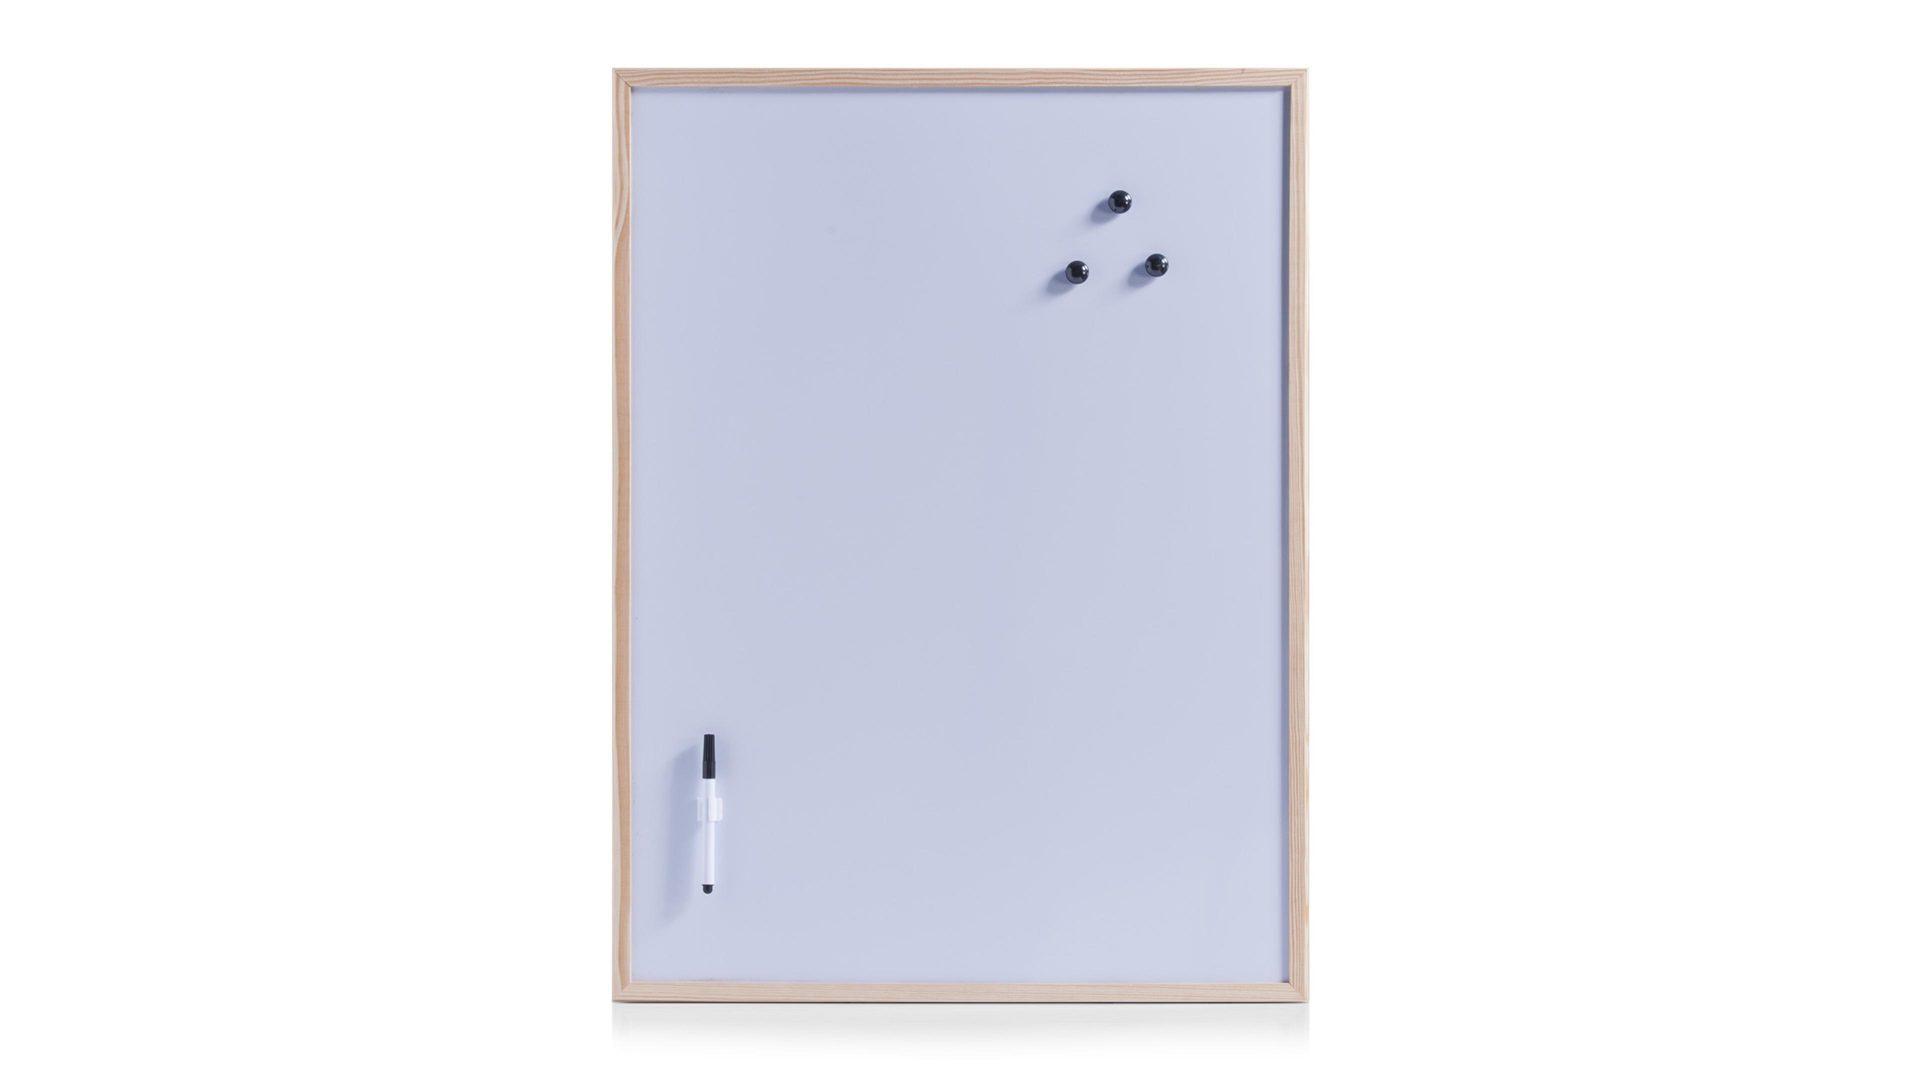 Atemberaubend Bilderrahmen Schreibtafel Galerie - Benutzerdefinierte ...